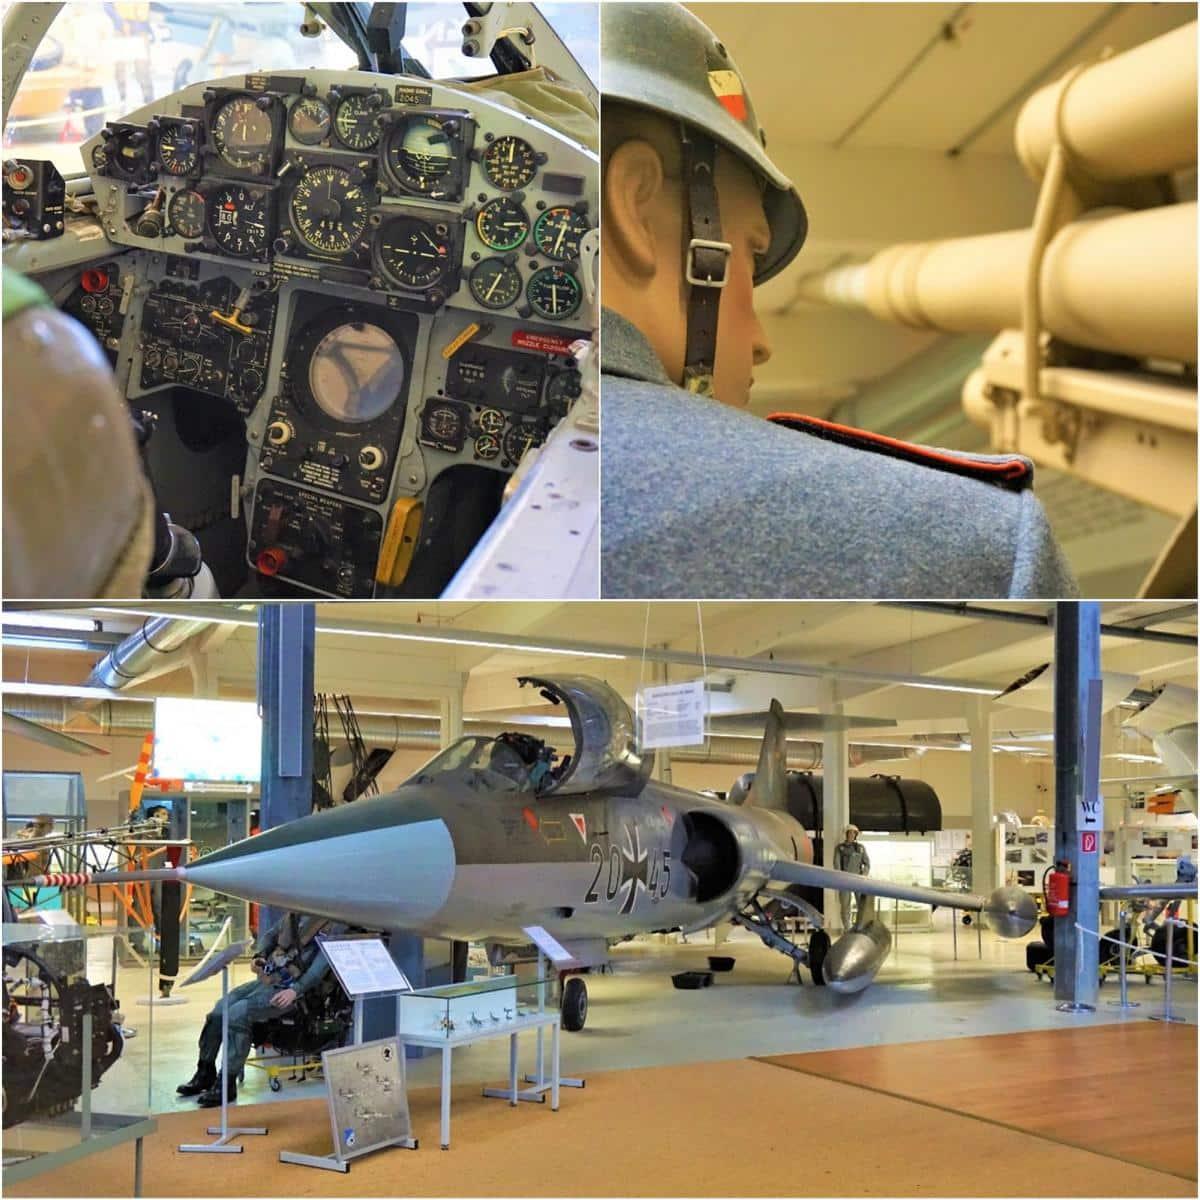 Style Hannover Luftfahrtmuseum Laatzen Collage 1 - Luftfahrtmuseum Laatzen – ein Traum für jeden Luftfahrtinteressierten